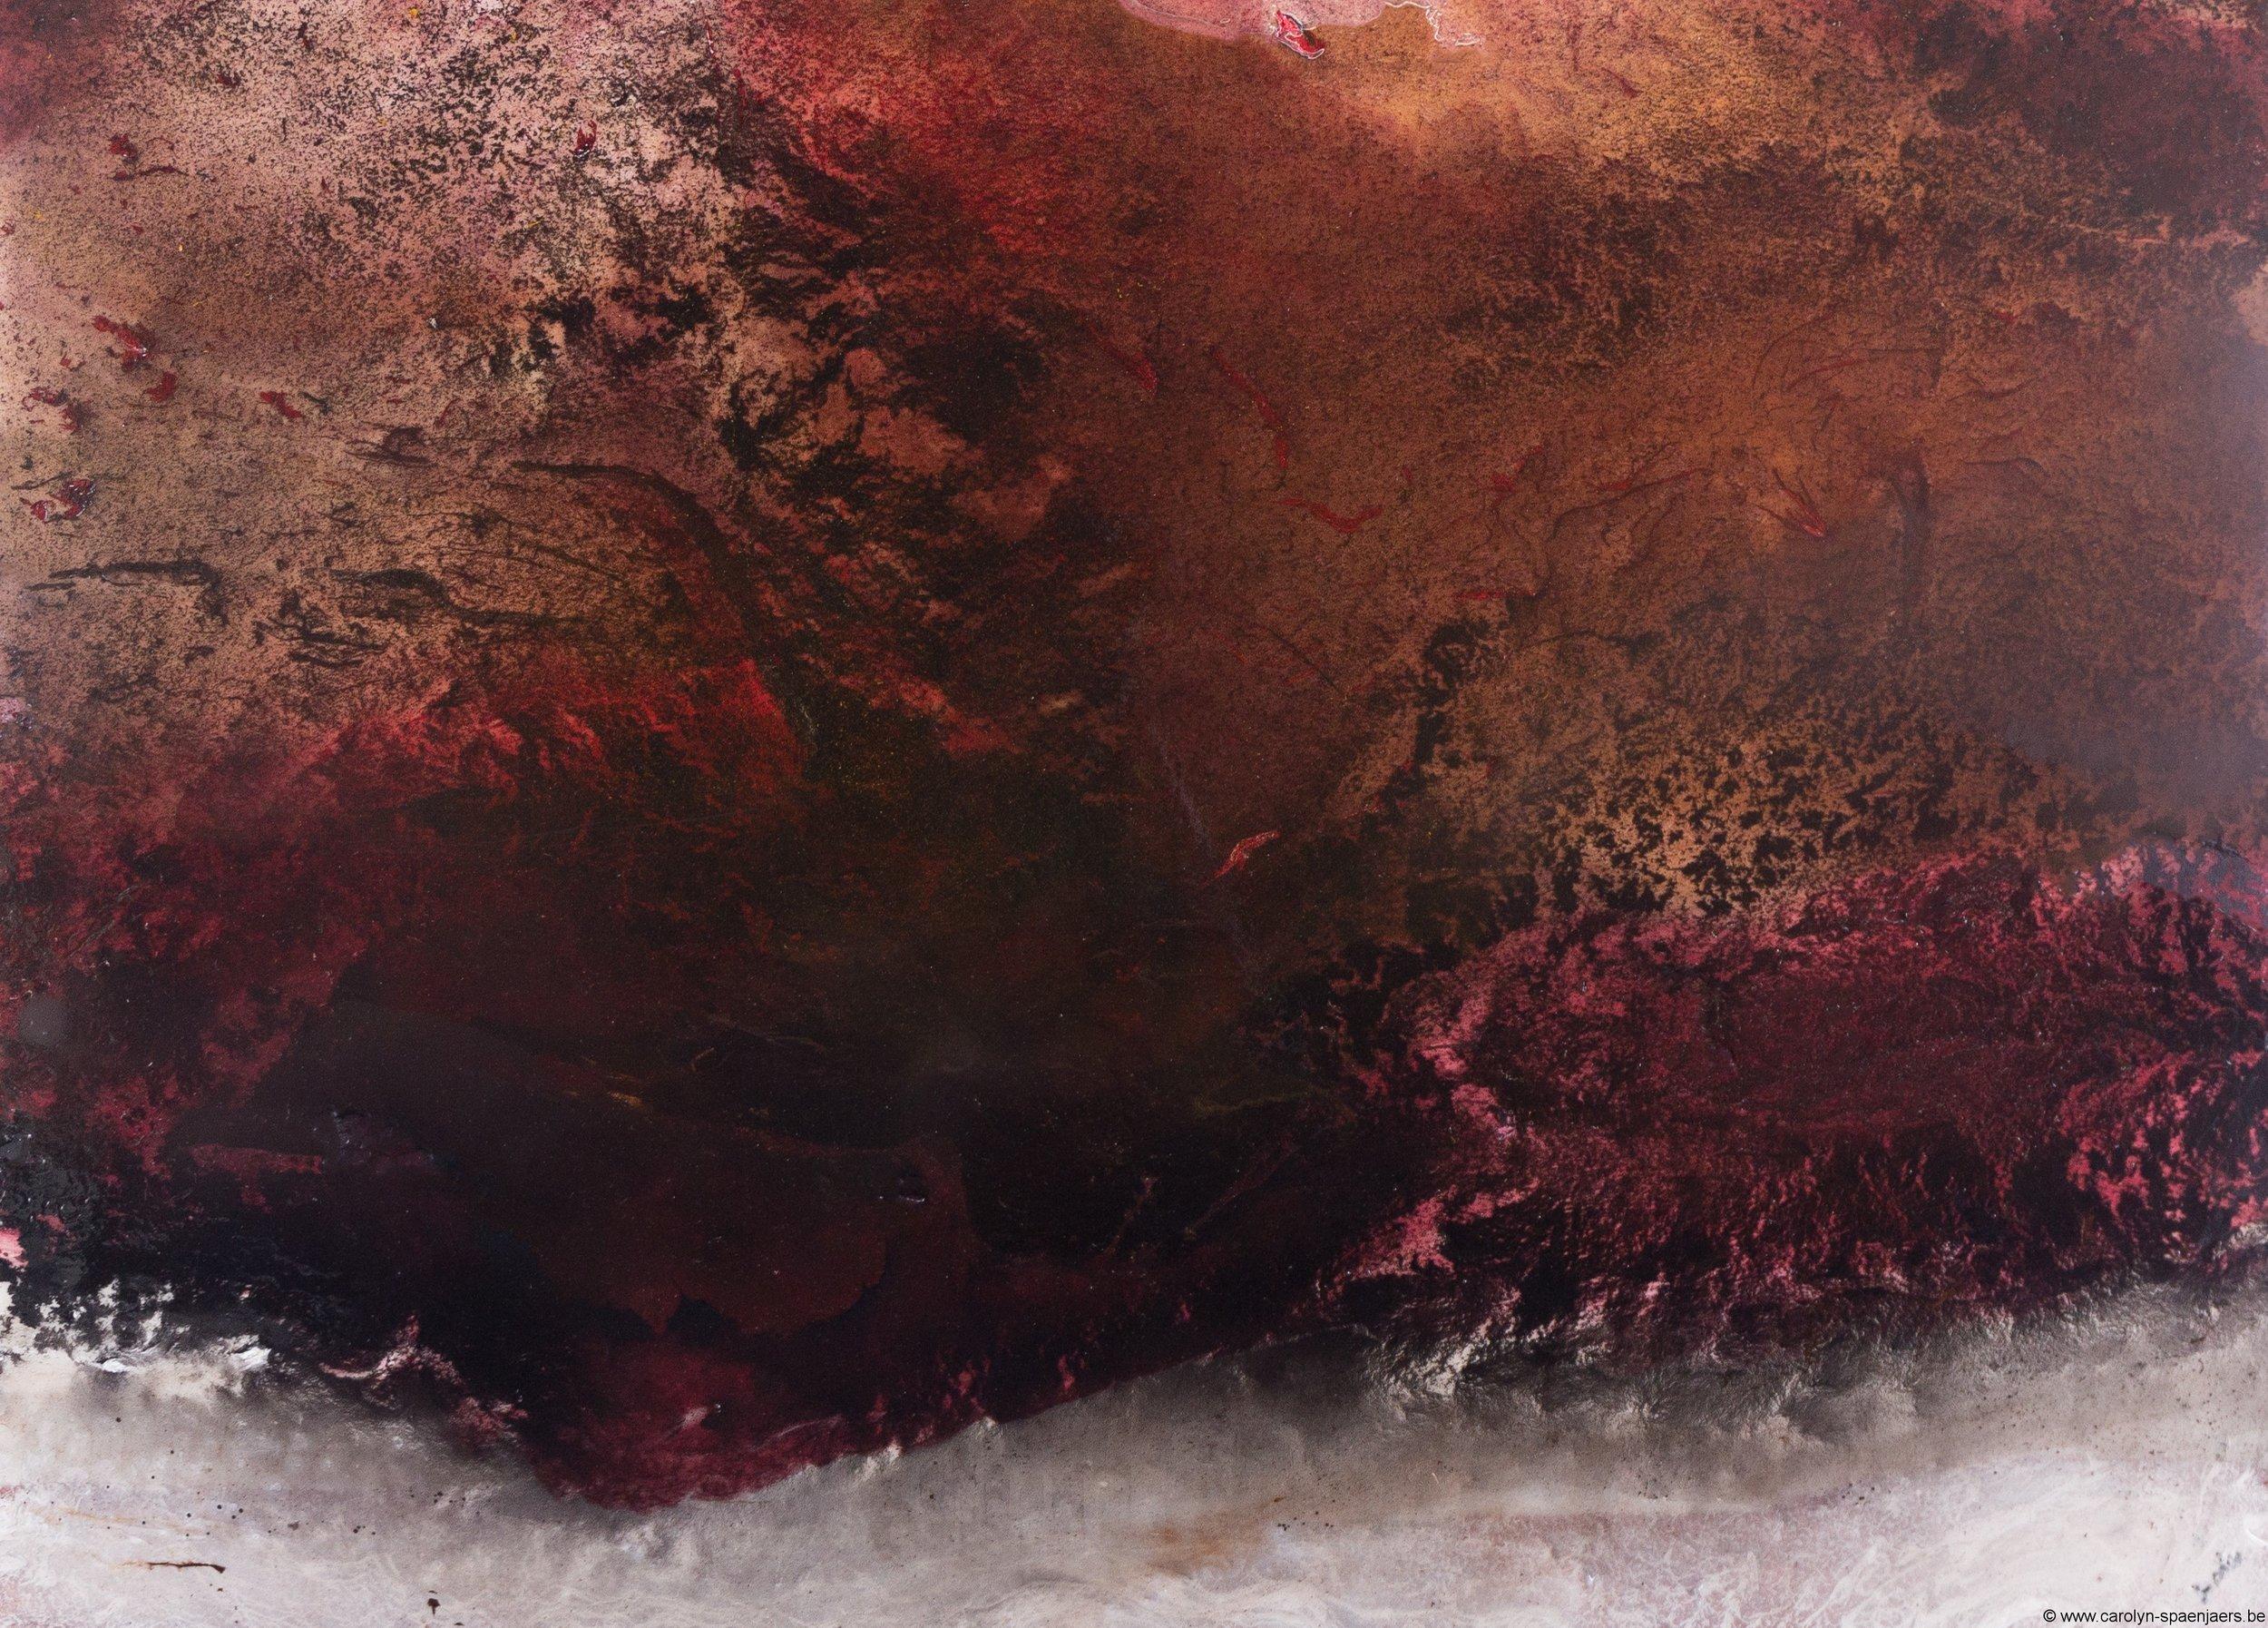 work by Carolyn Spaenjaers